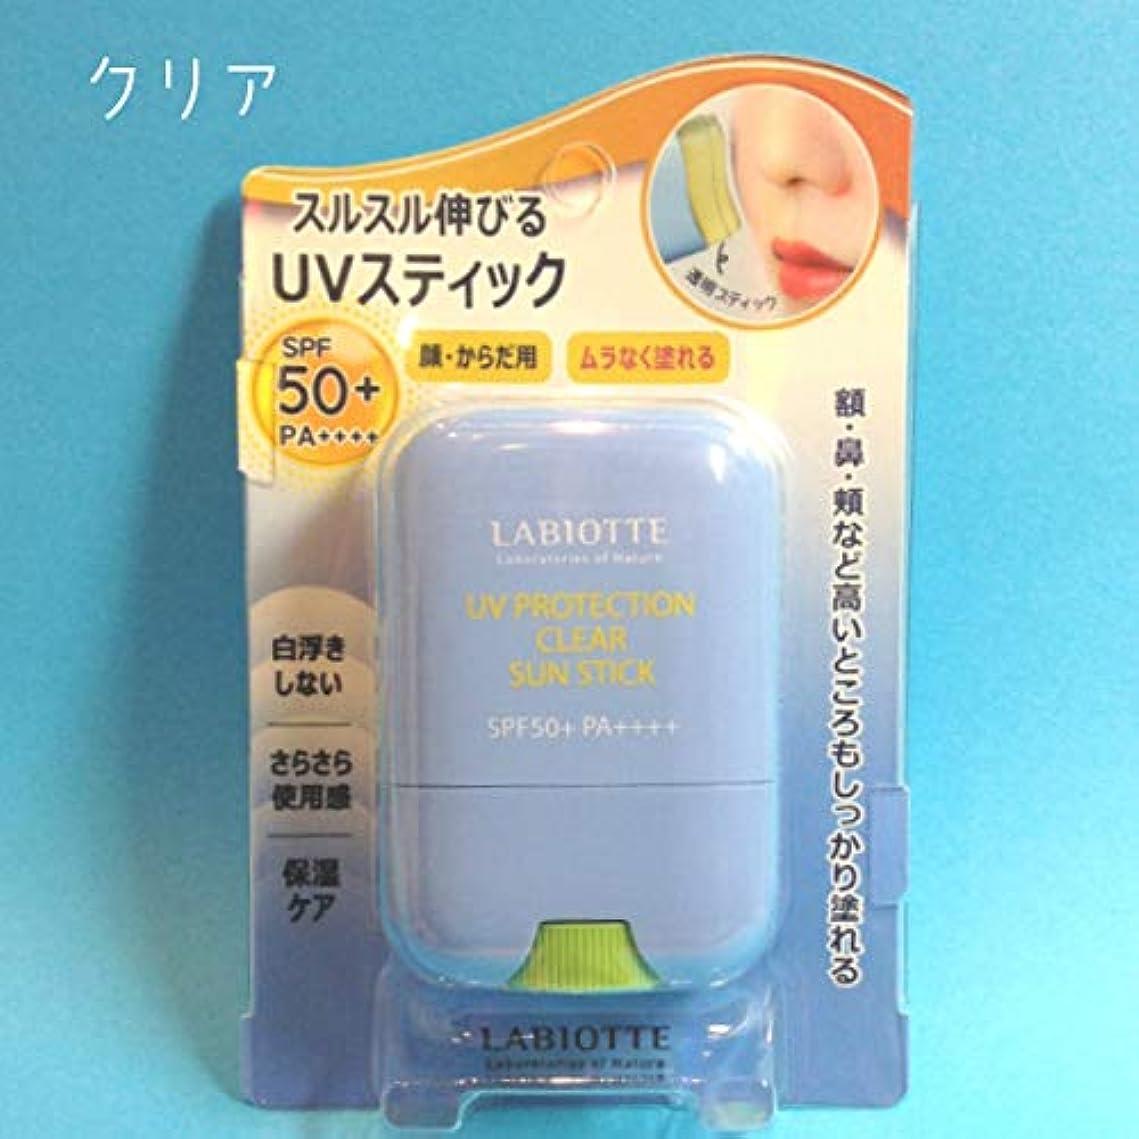 シルク周りくさび【 LABIOTTE-ラビオッテ-】 UVプロテクション クリア サンスティック